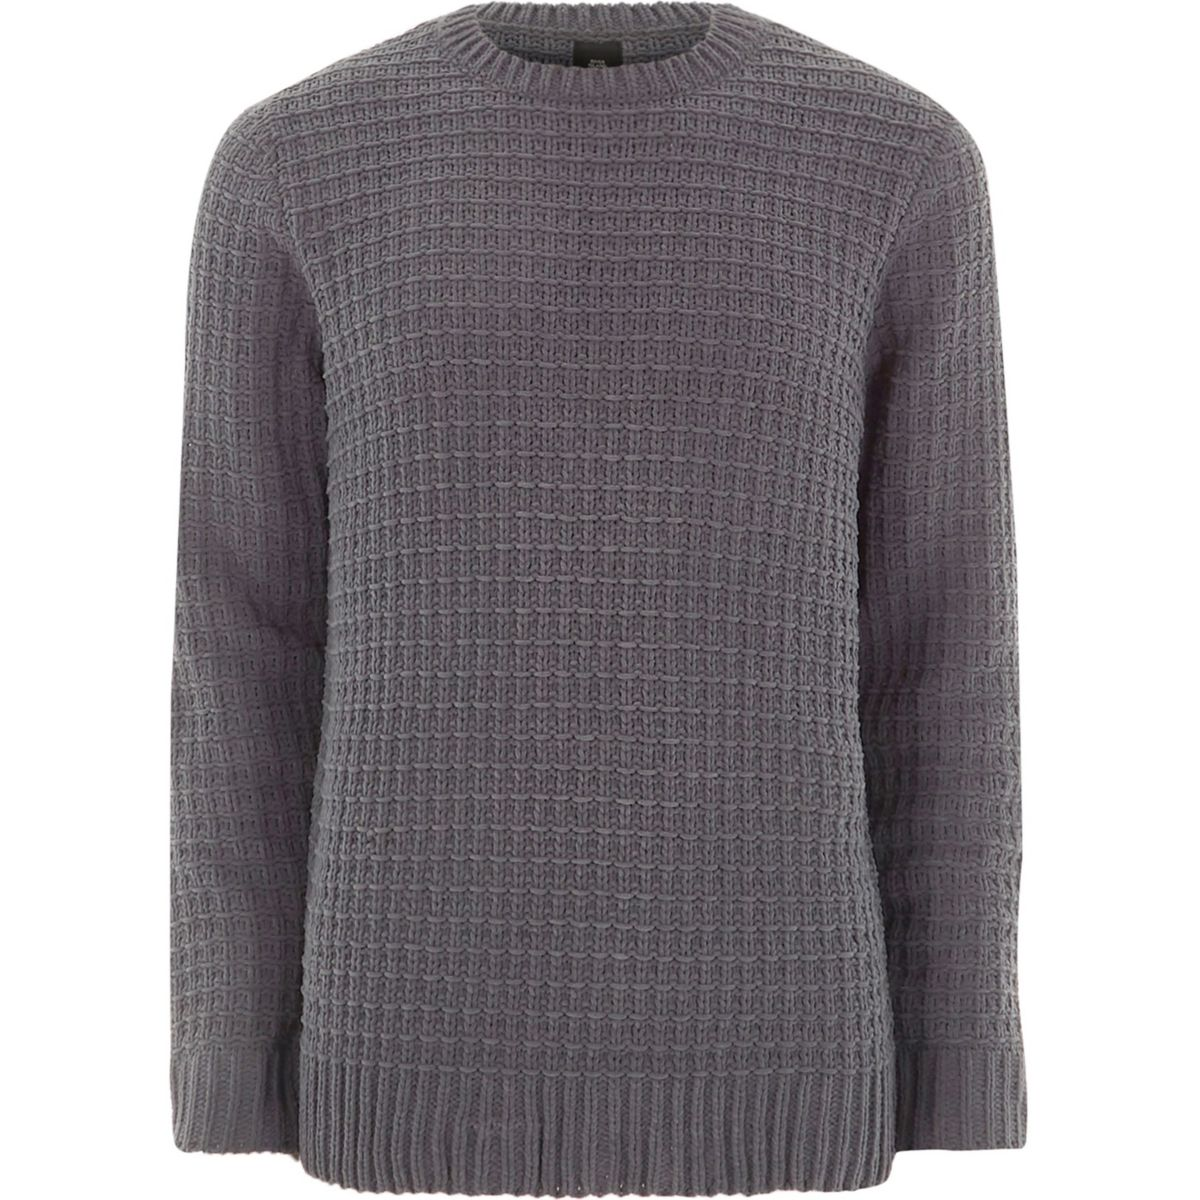 Dark grey textured sweater